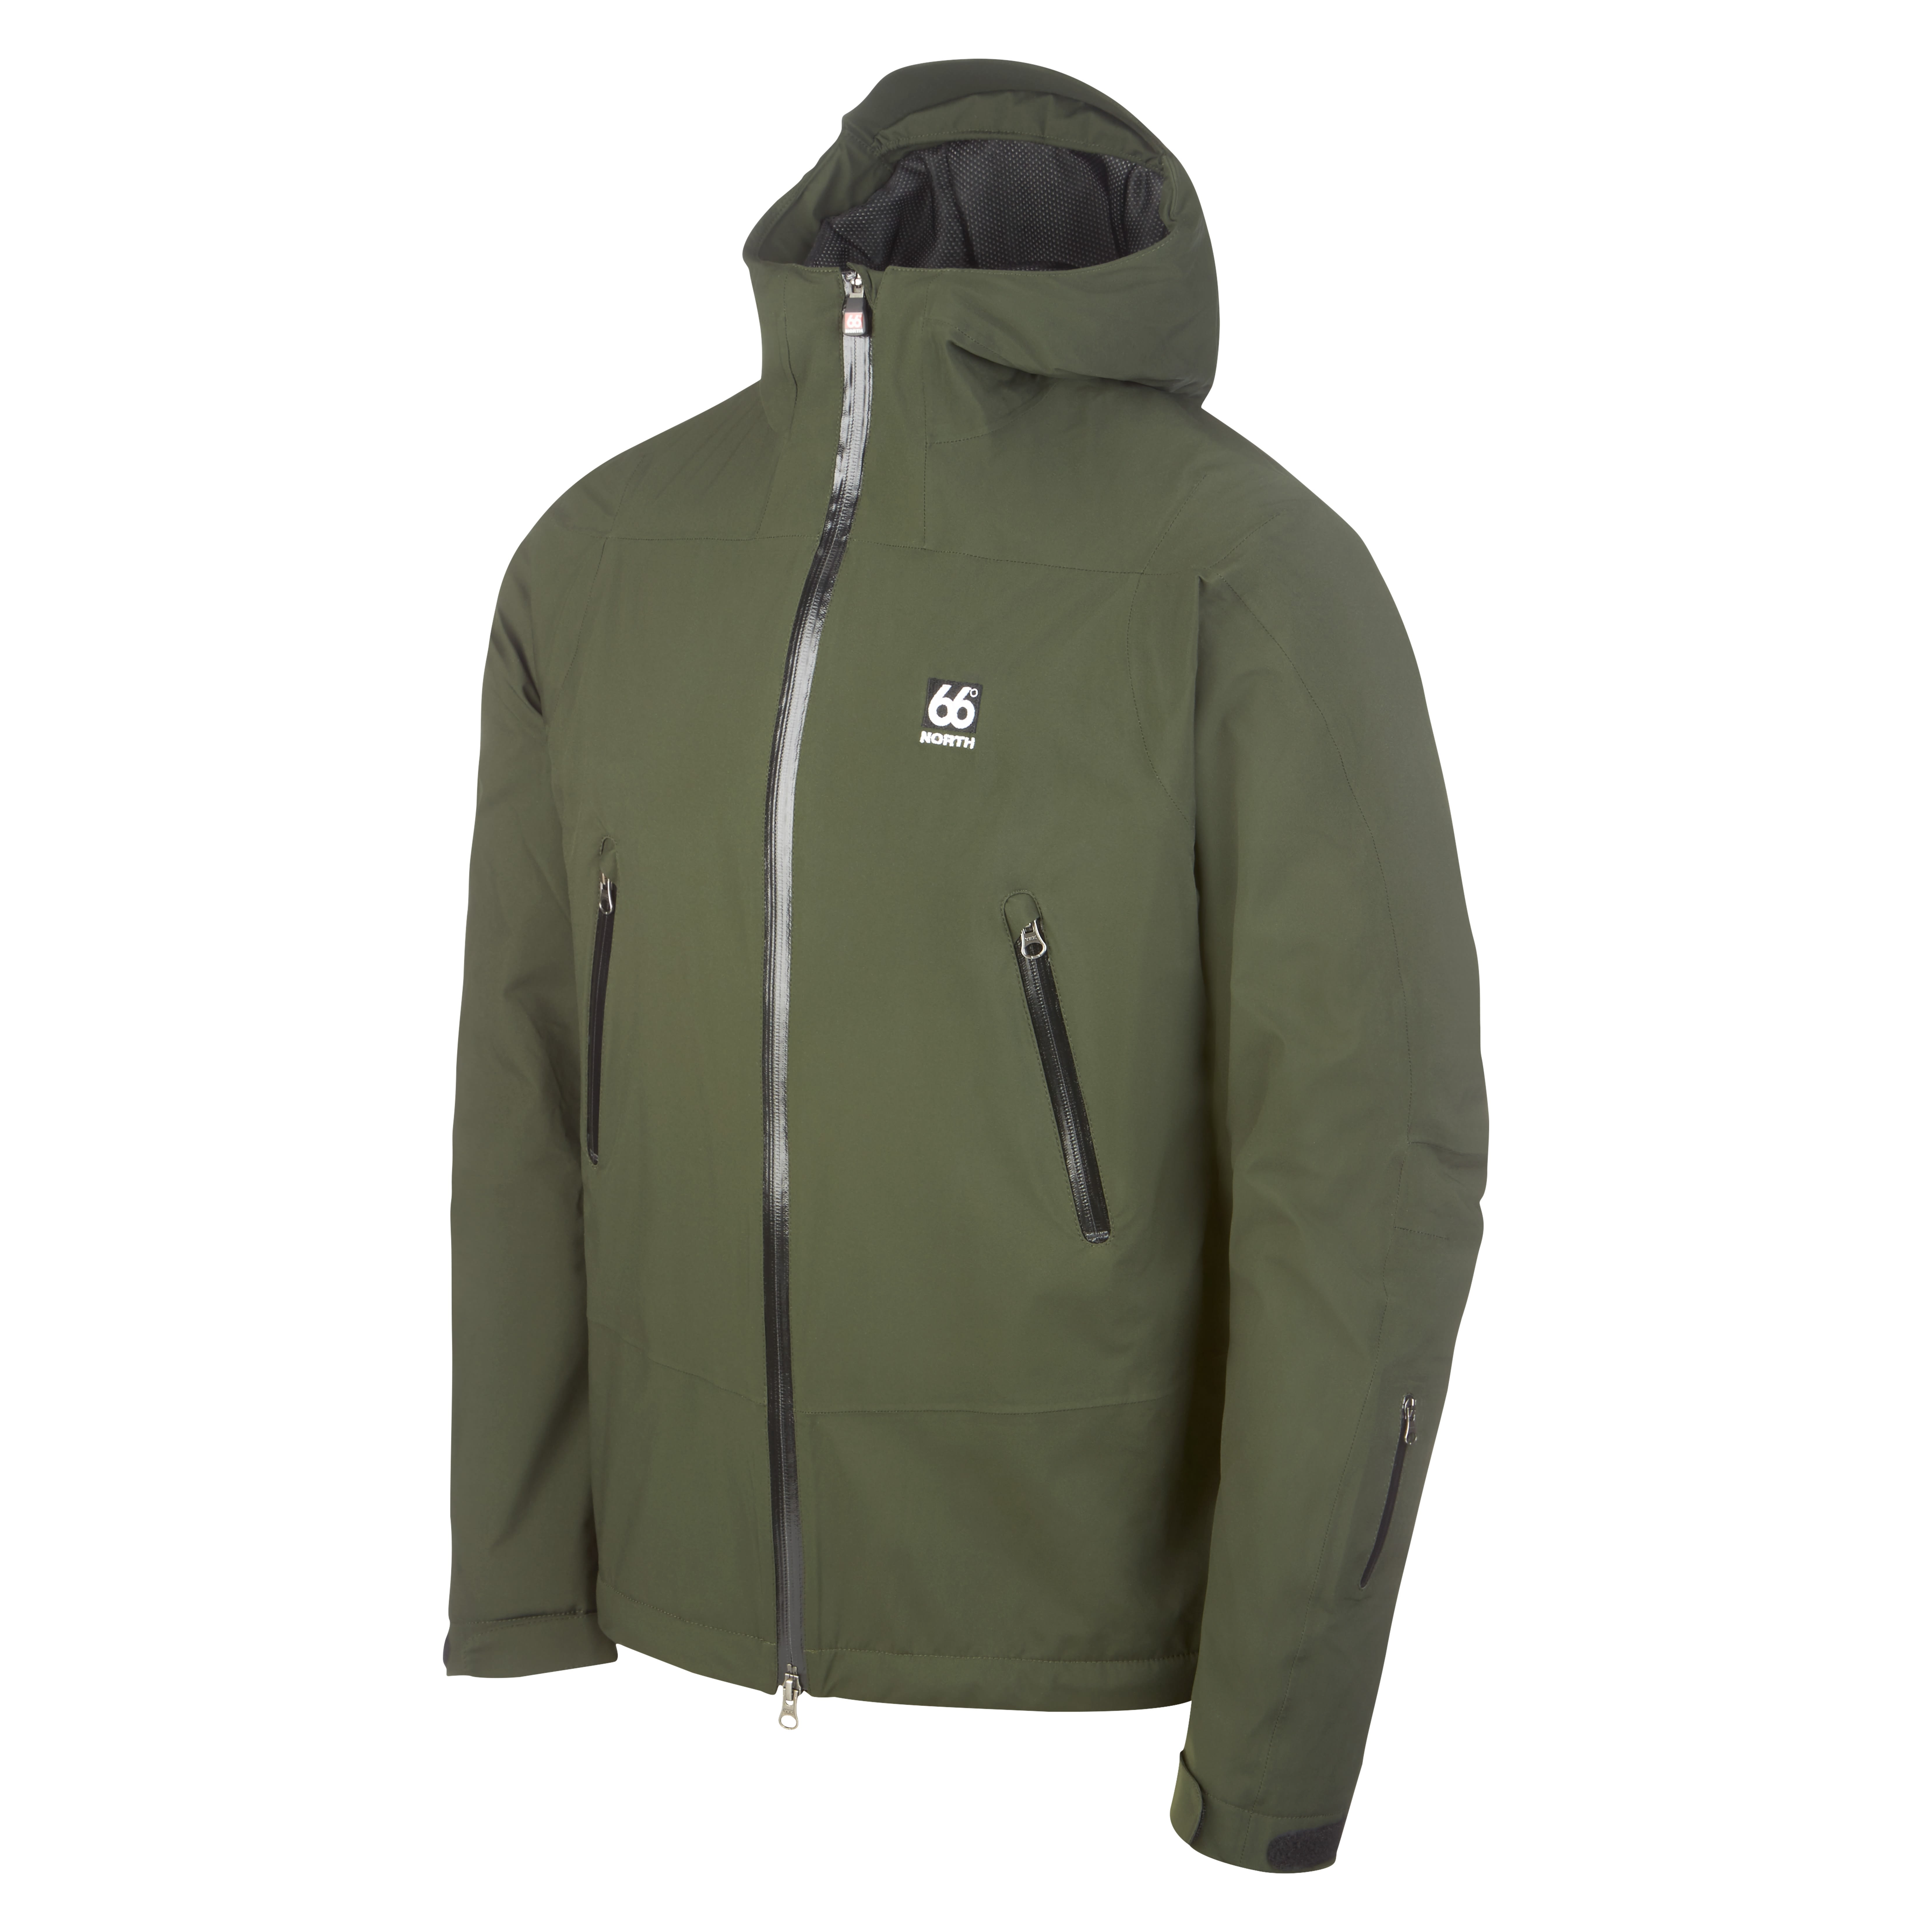 Snaefell Alpha Jacket